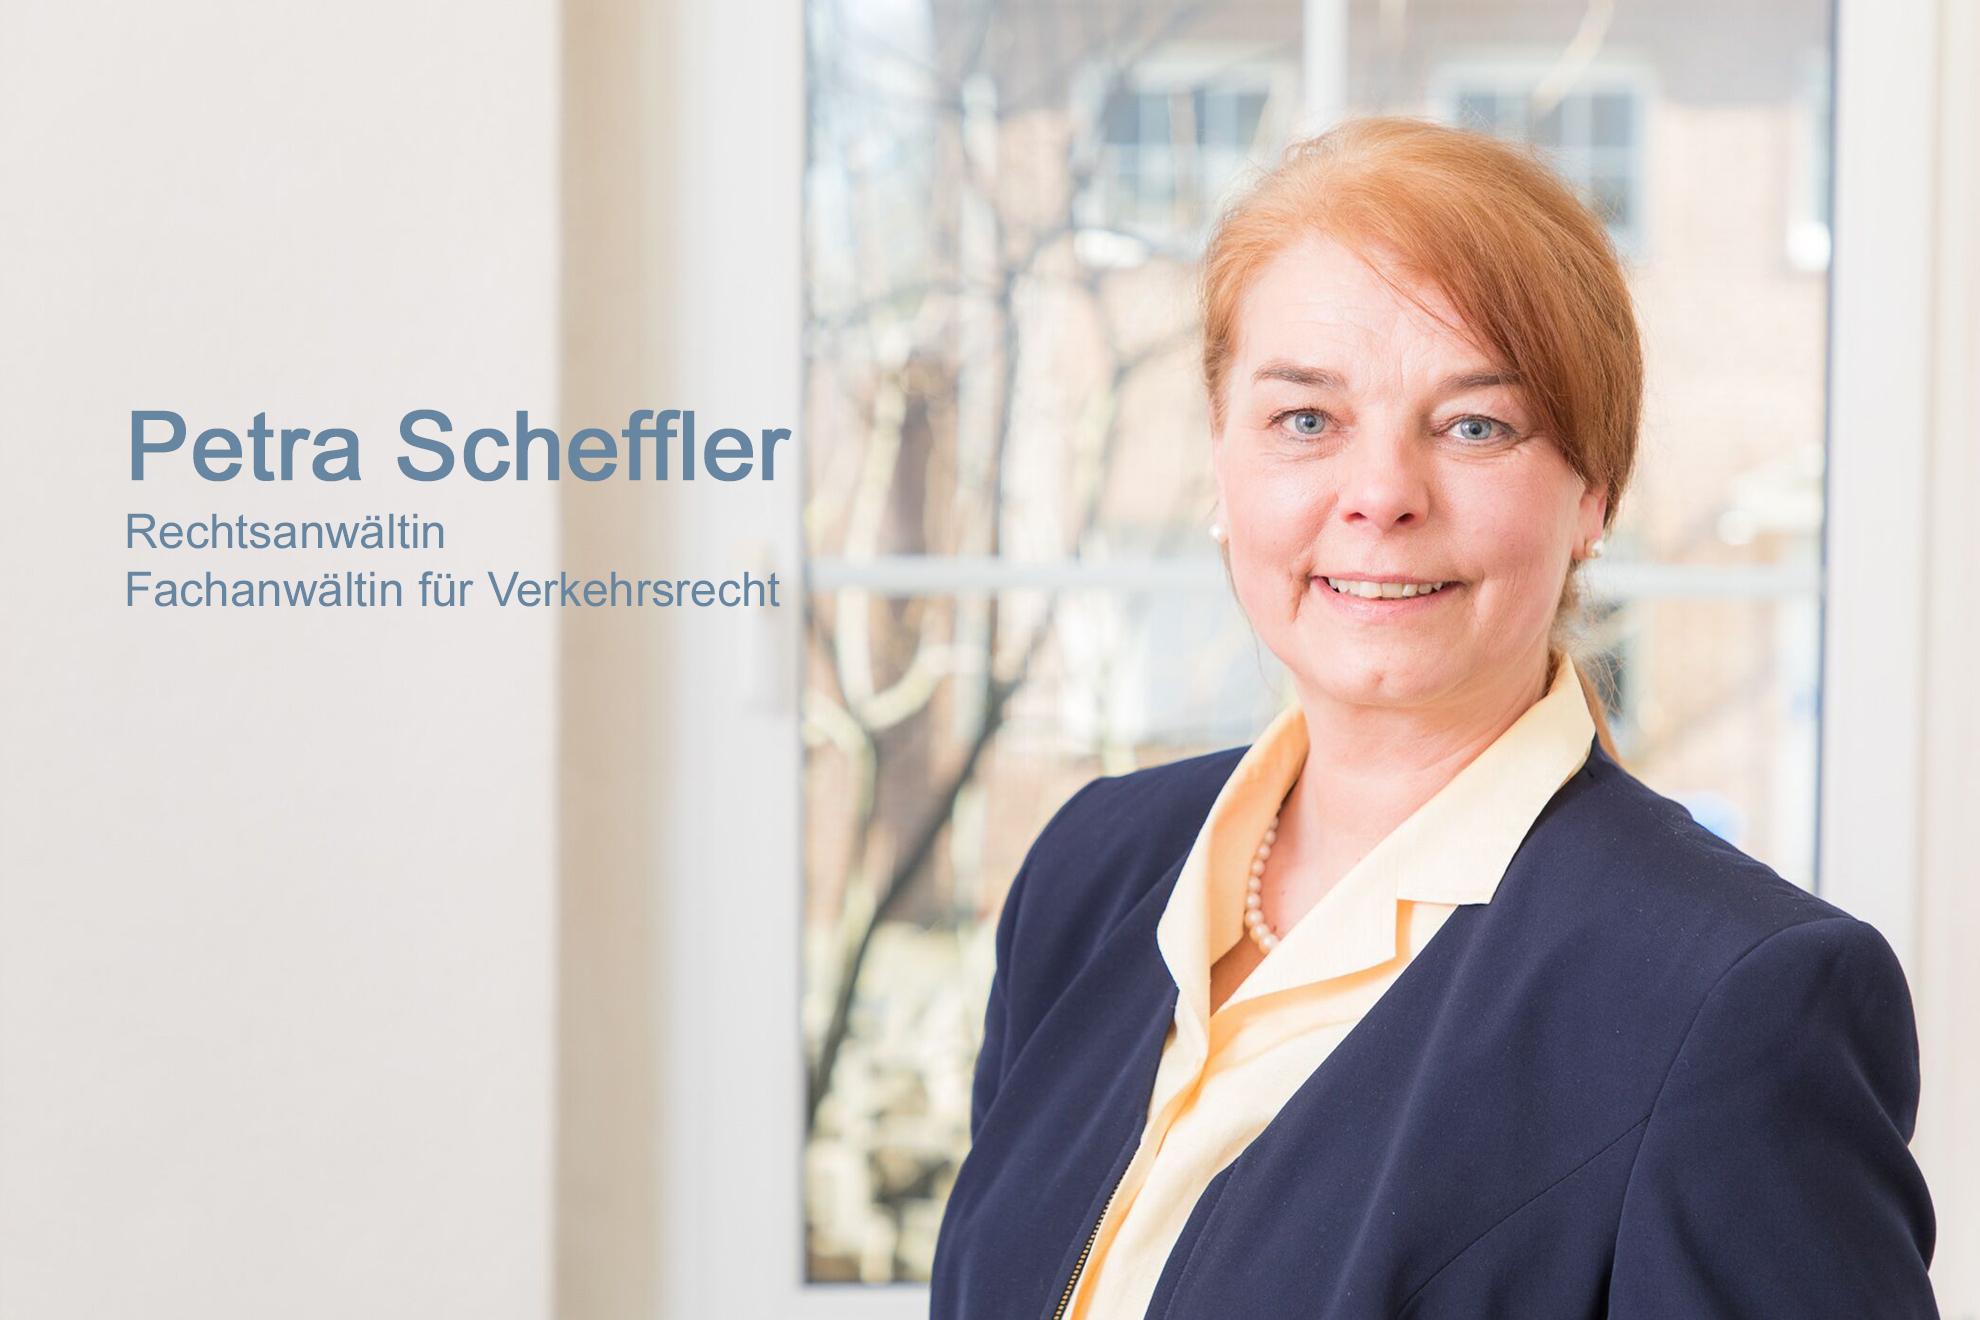 Adac Vertragsanwalt Petra Scheffler Rechtsanwalt Und Fachanwalt Für